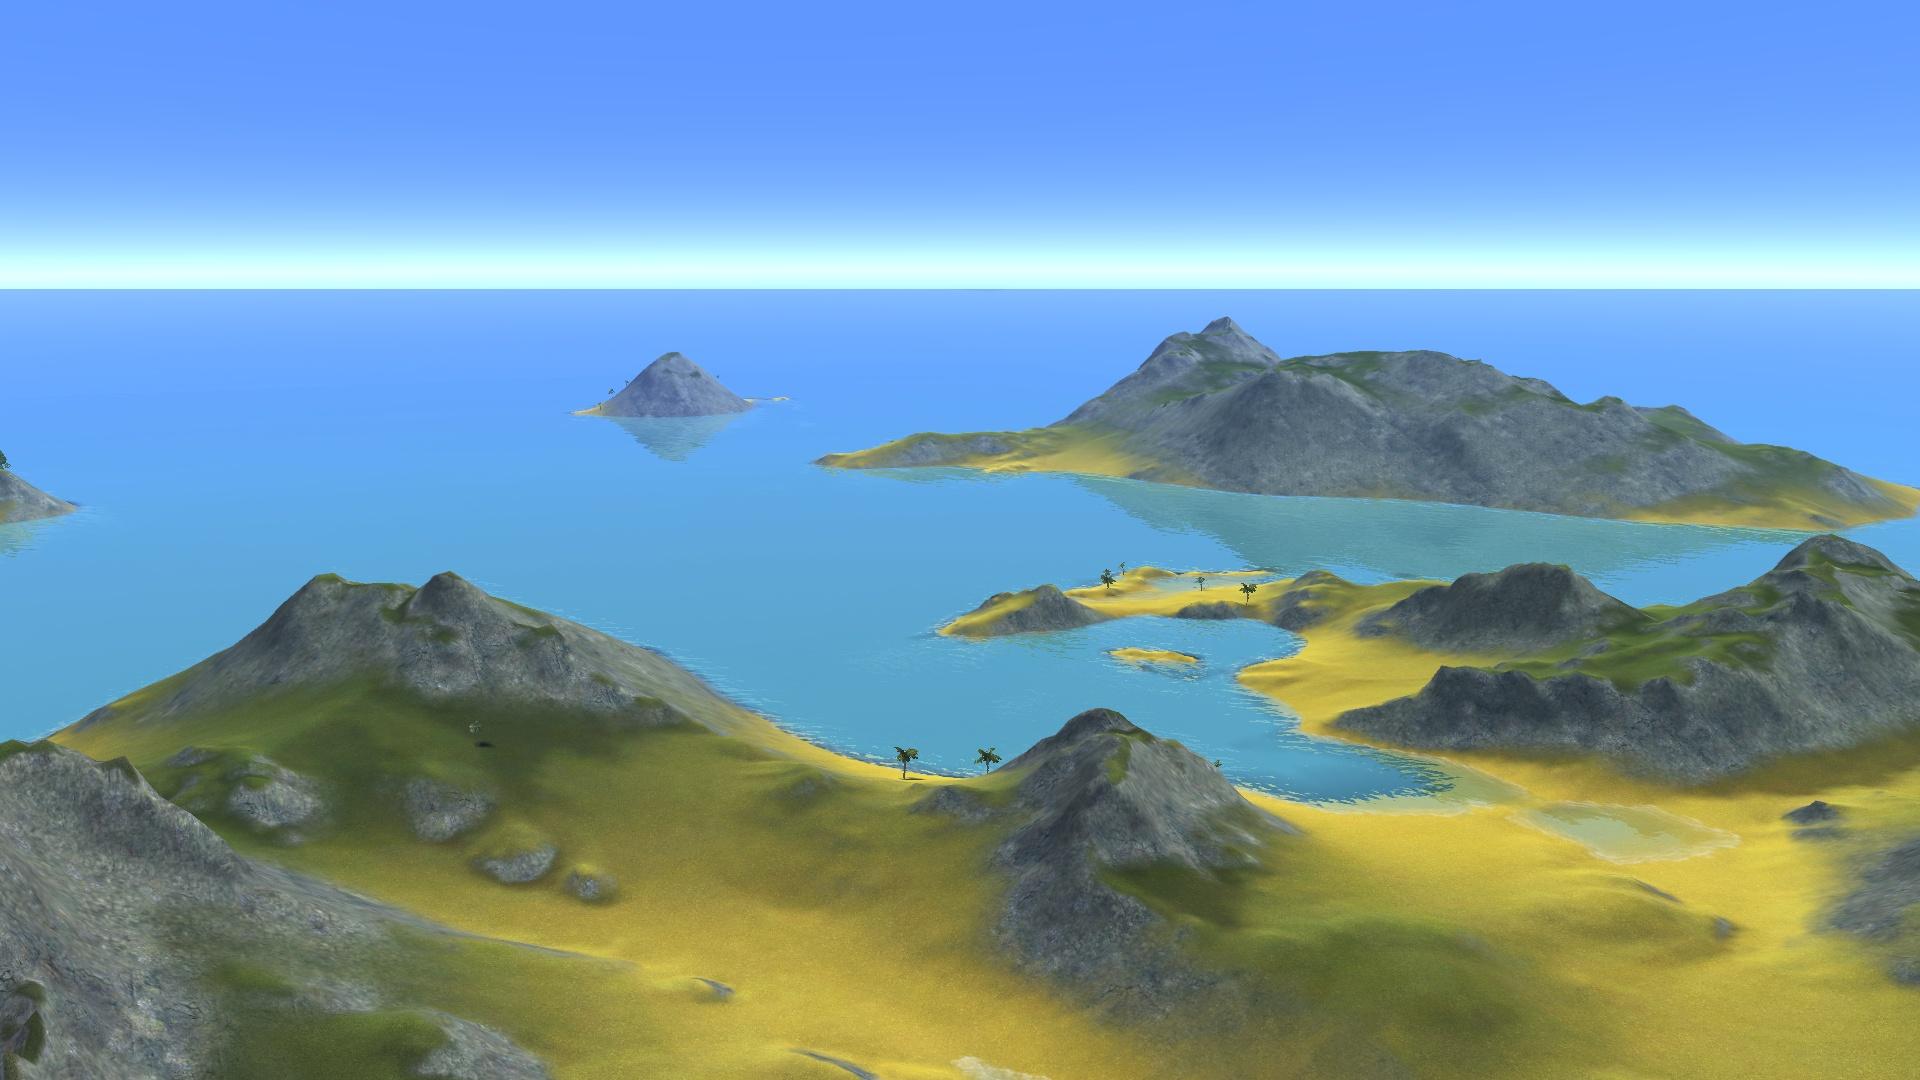 cxl_screenshot_islands_4.jpg